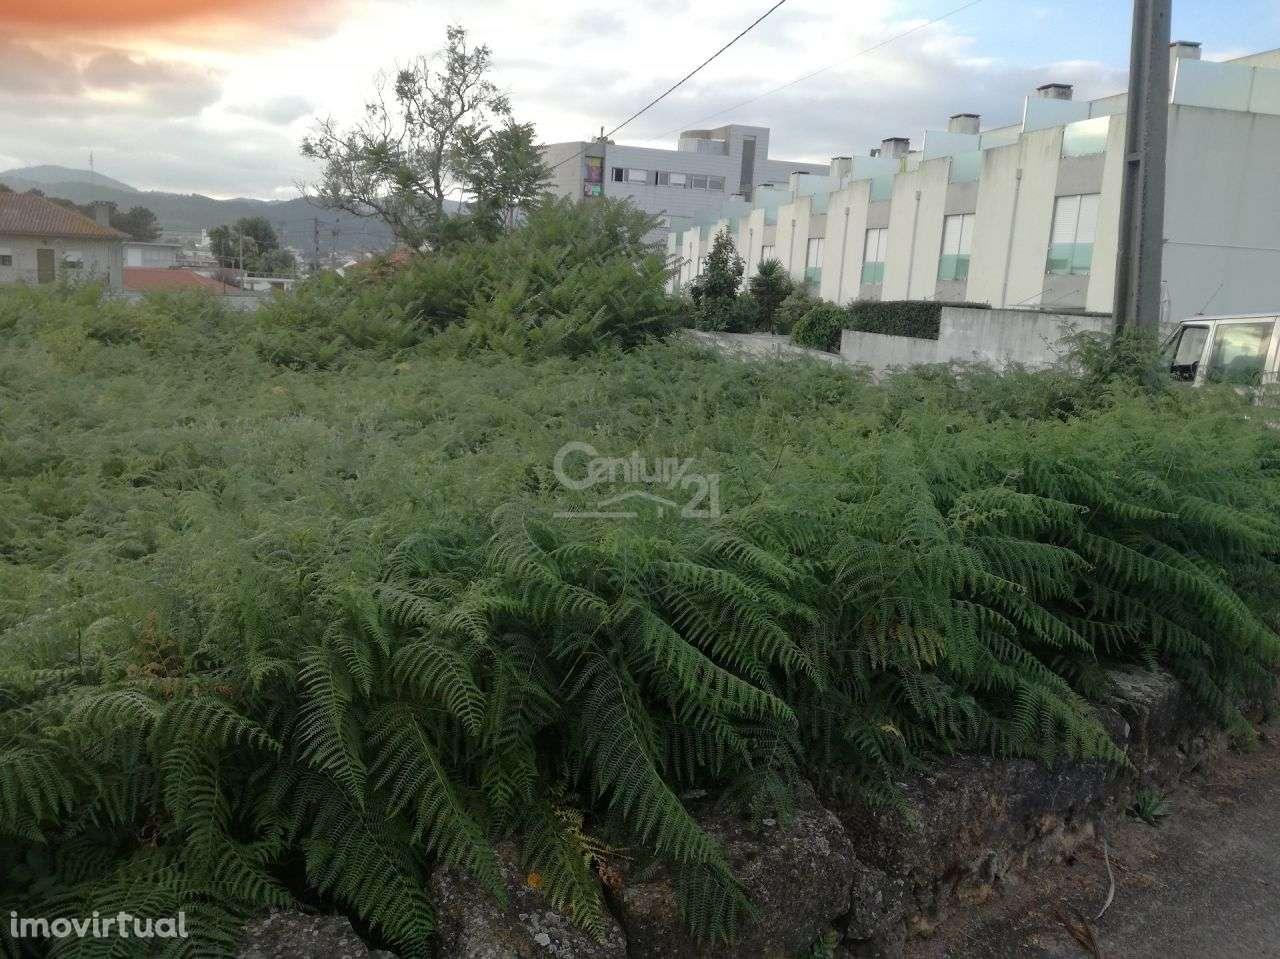 Terreno para comprar, Barcelinhos, Braga - Foto 6